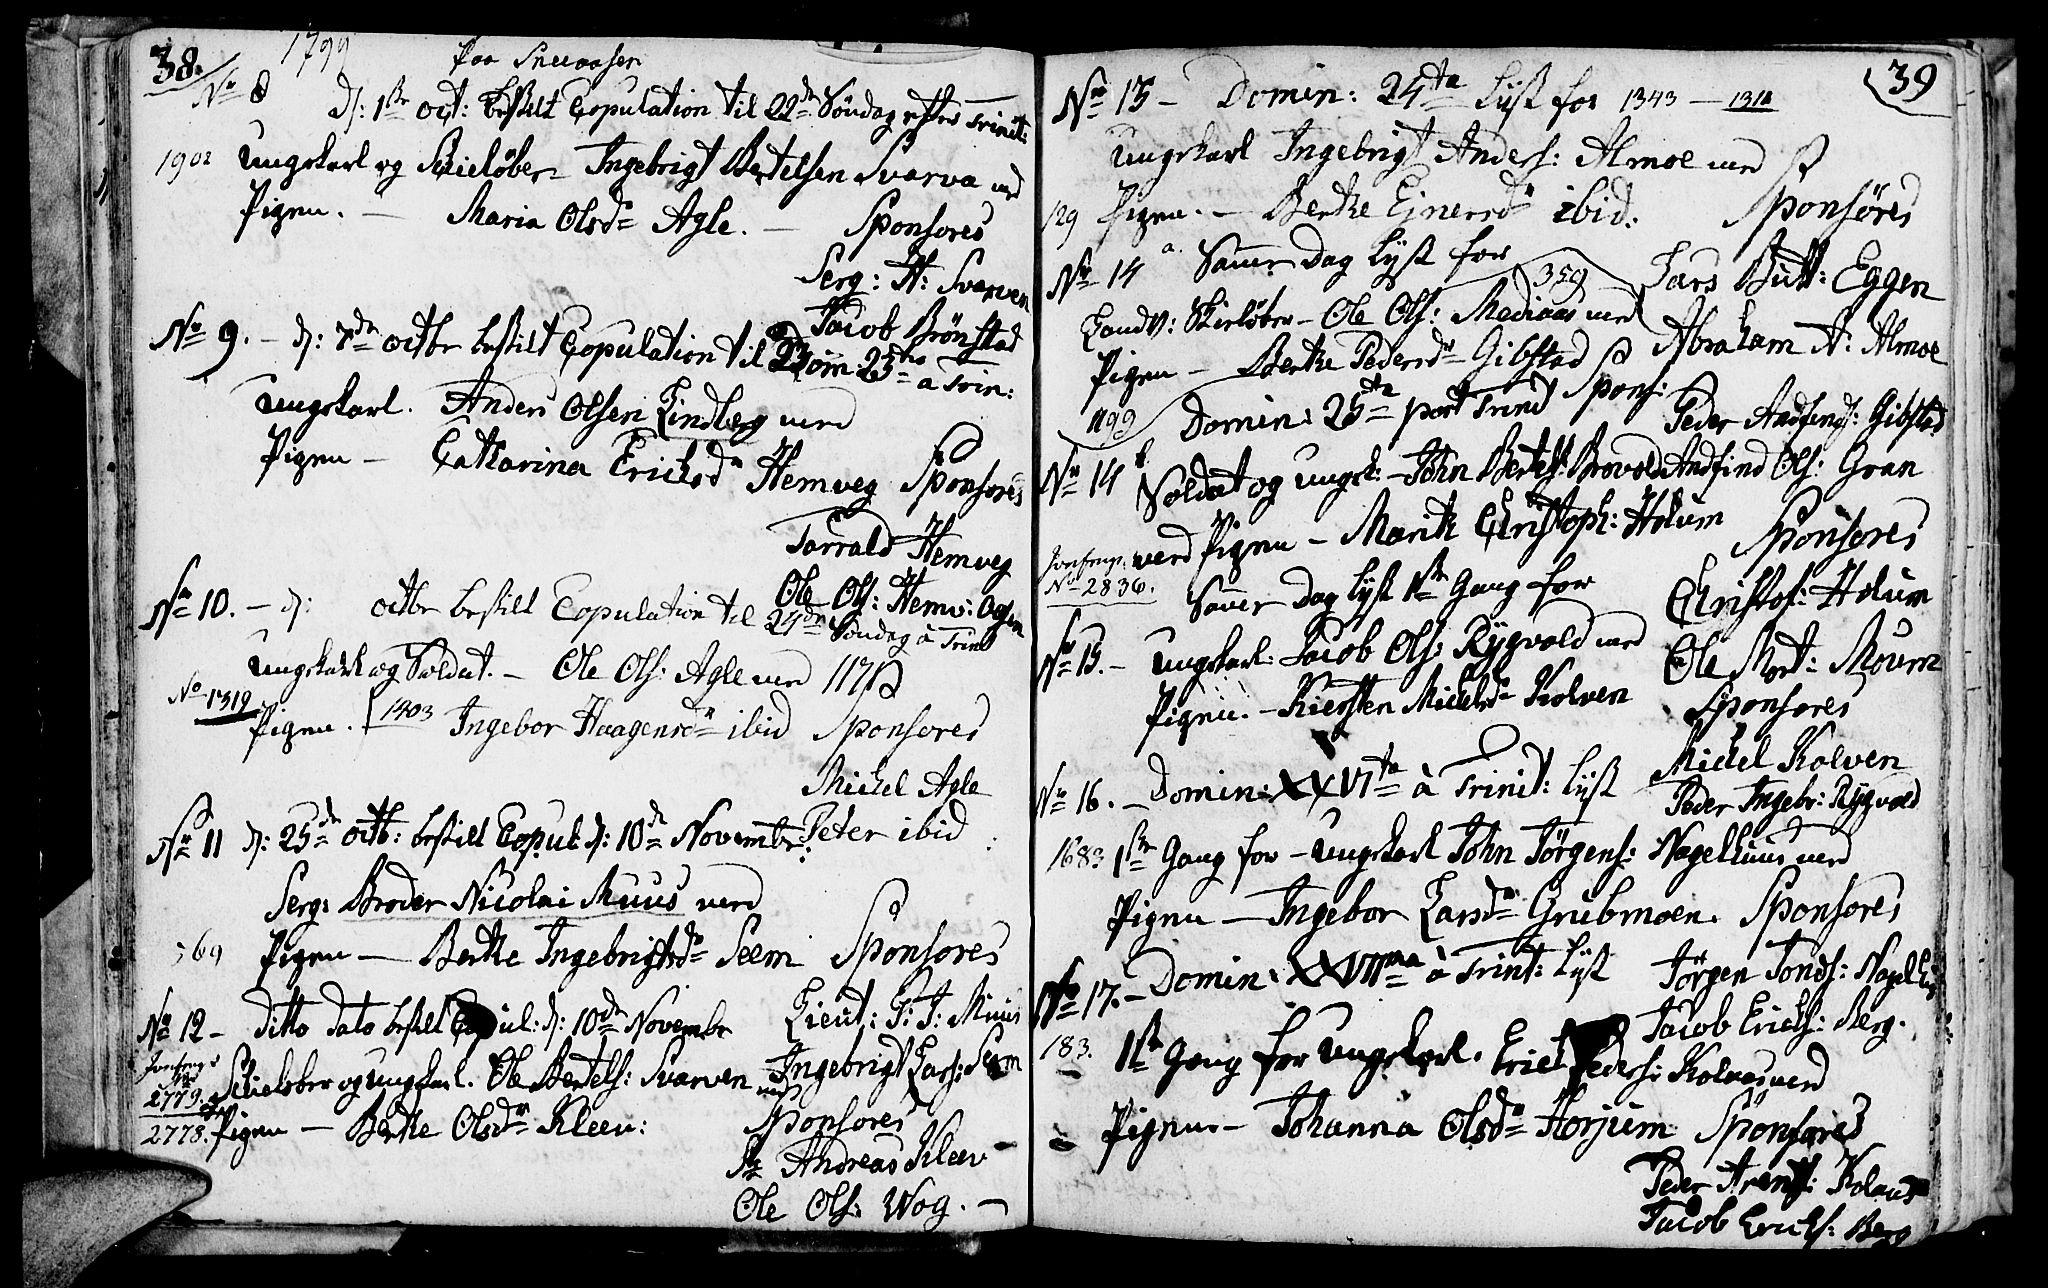 SAT, Ministerialprotokoller, klokkerbøker og fødselsregistre - Nord-Trøndelag, 749/L0468: Ministerialbok nr. 749A02, 1787-1817, s. 38-39